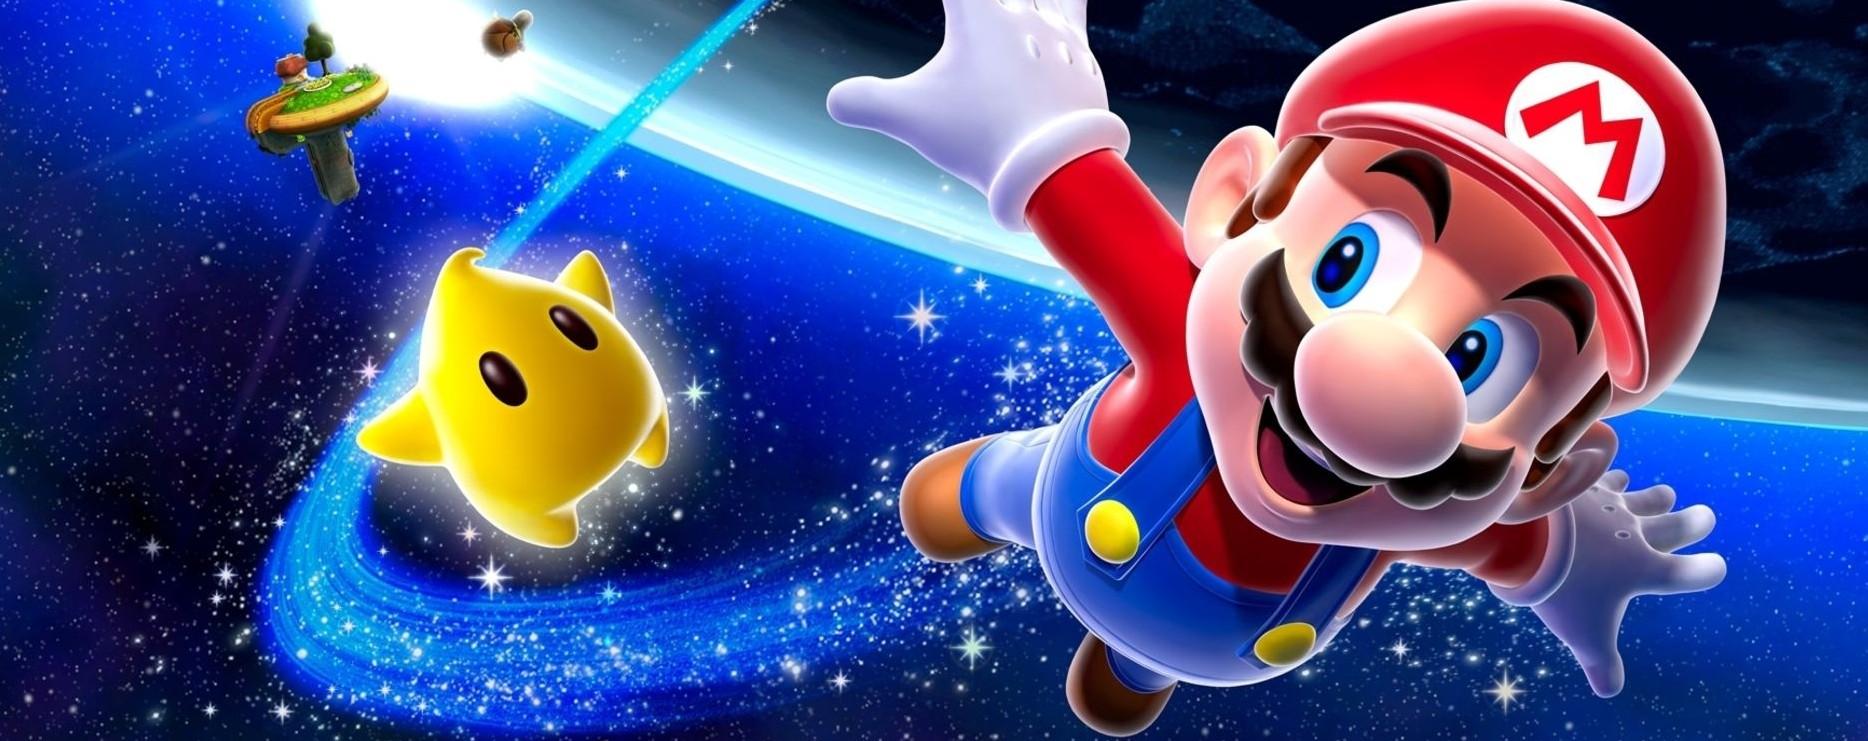 Nintendo Download: Super Mario 3D All-Stars